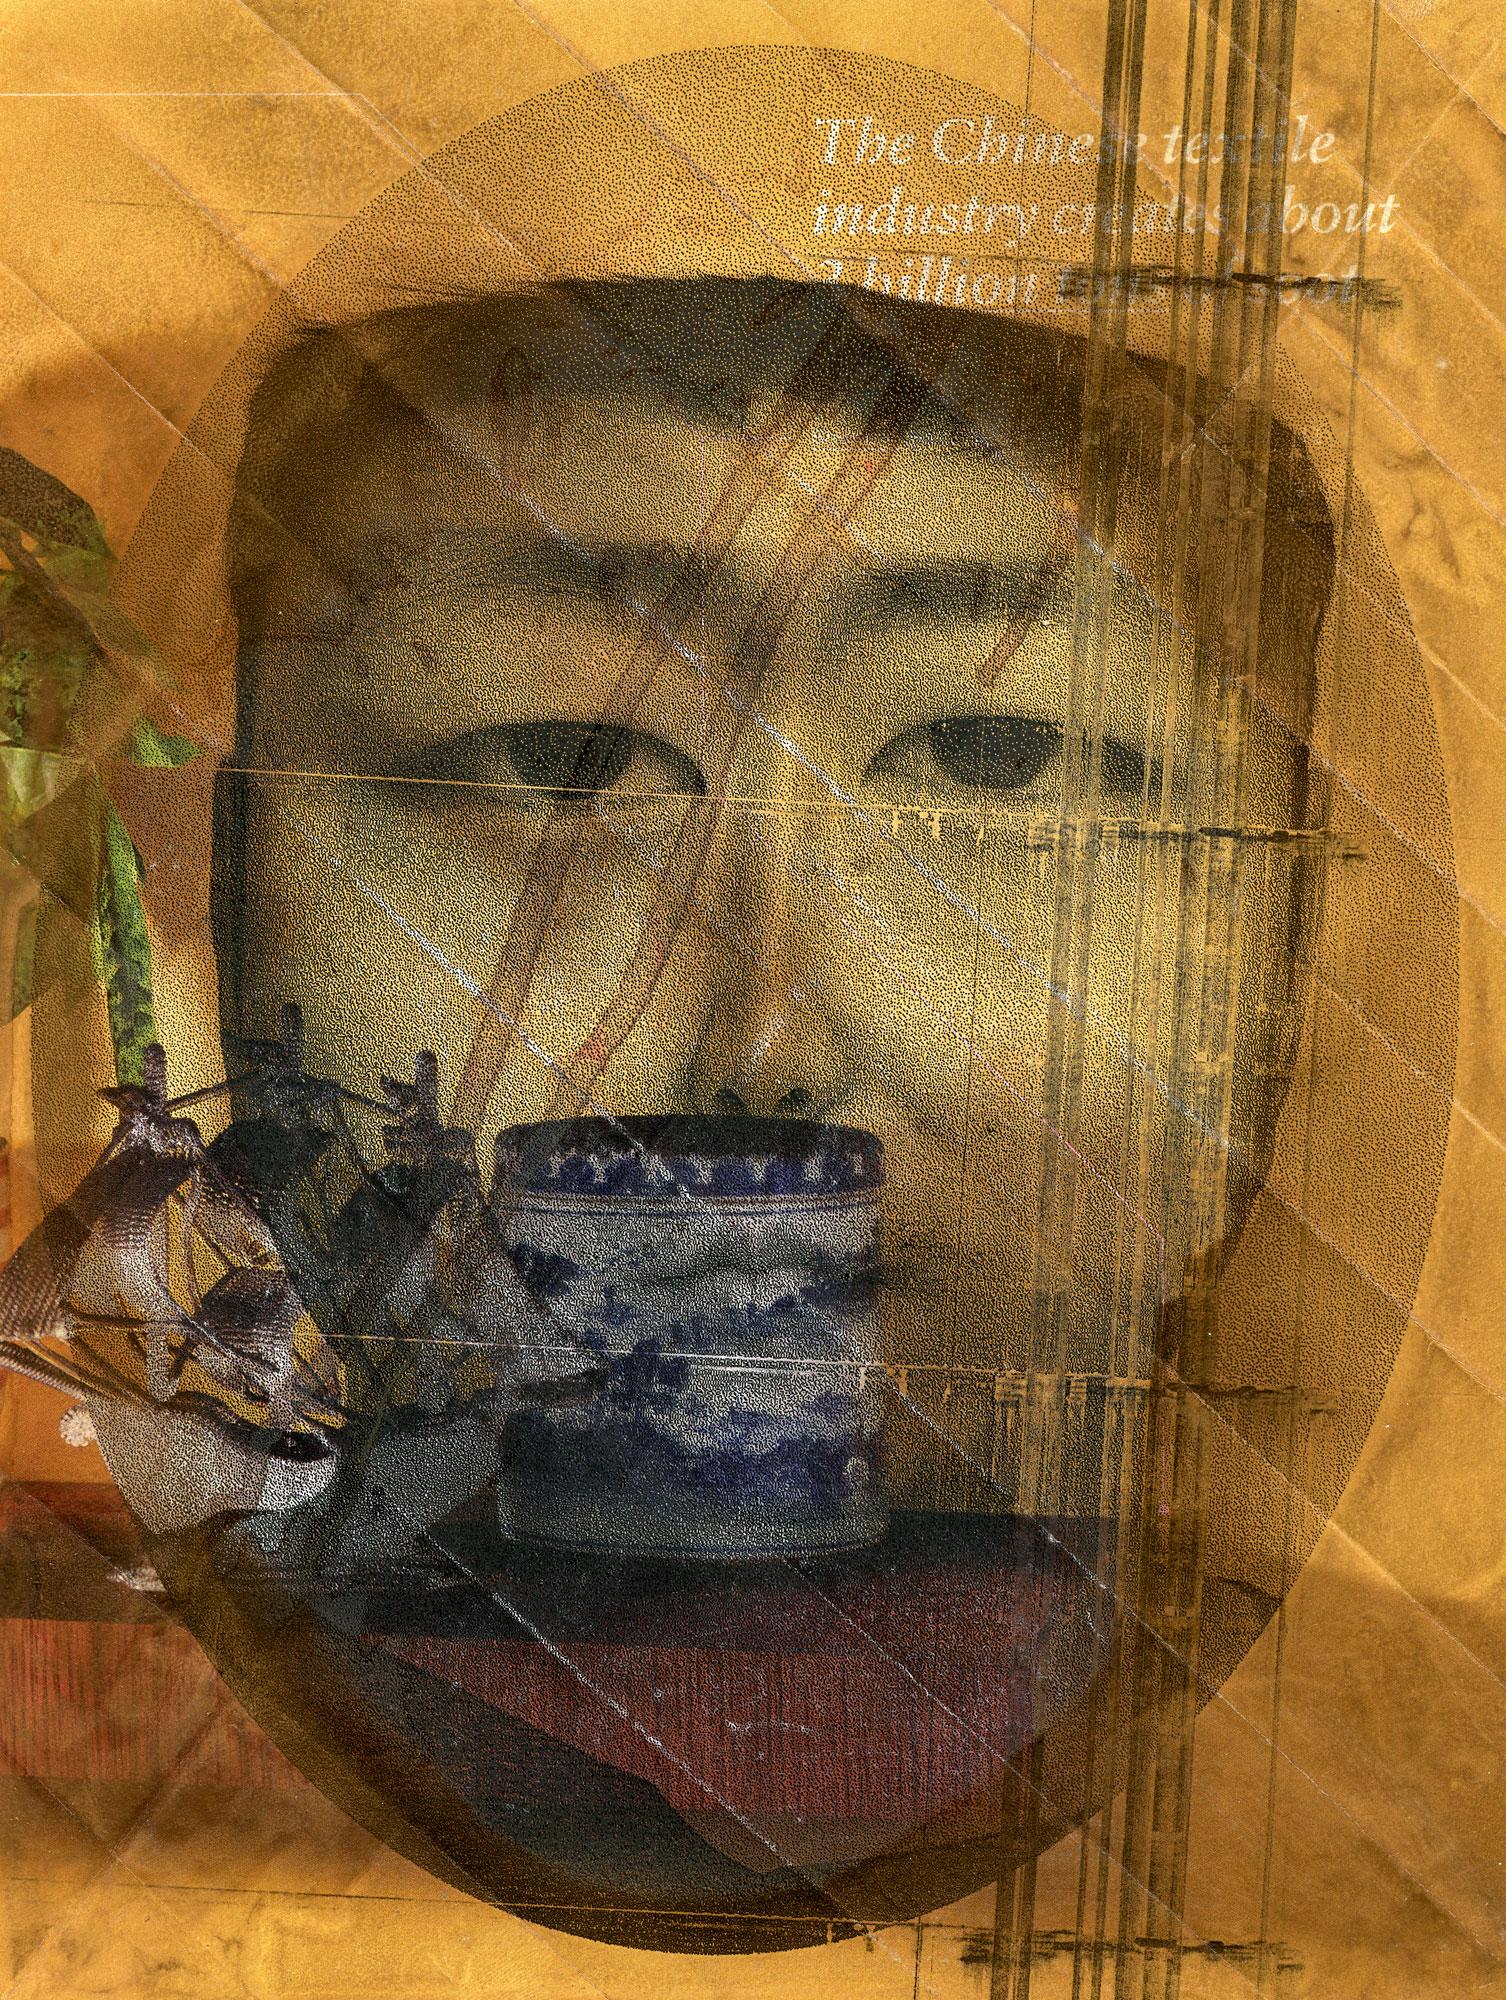 Kim Zhang Mao #4 by Alex Kay